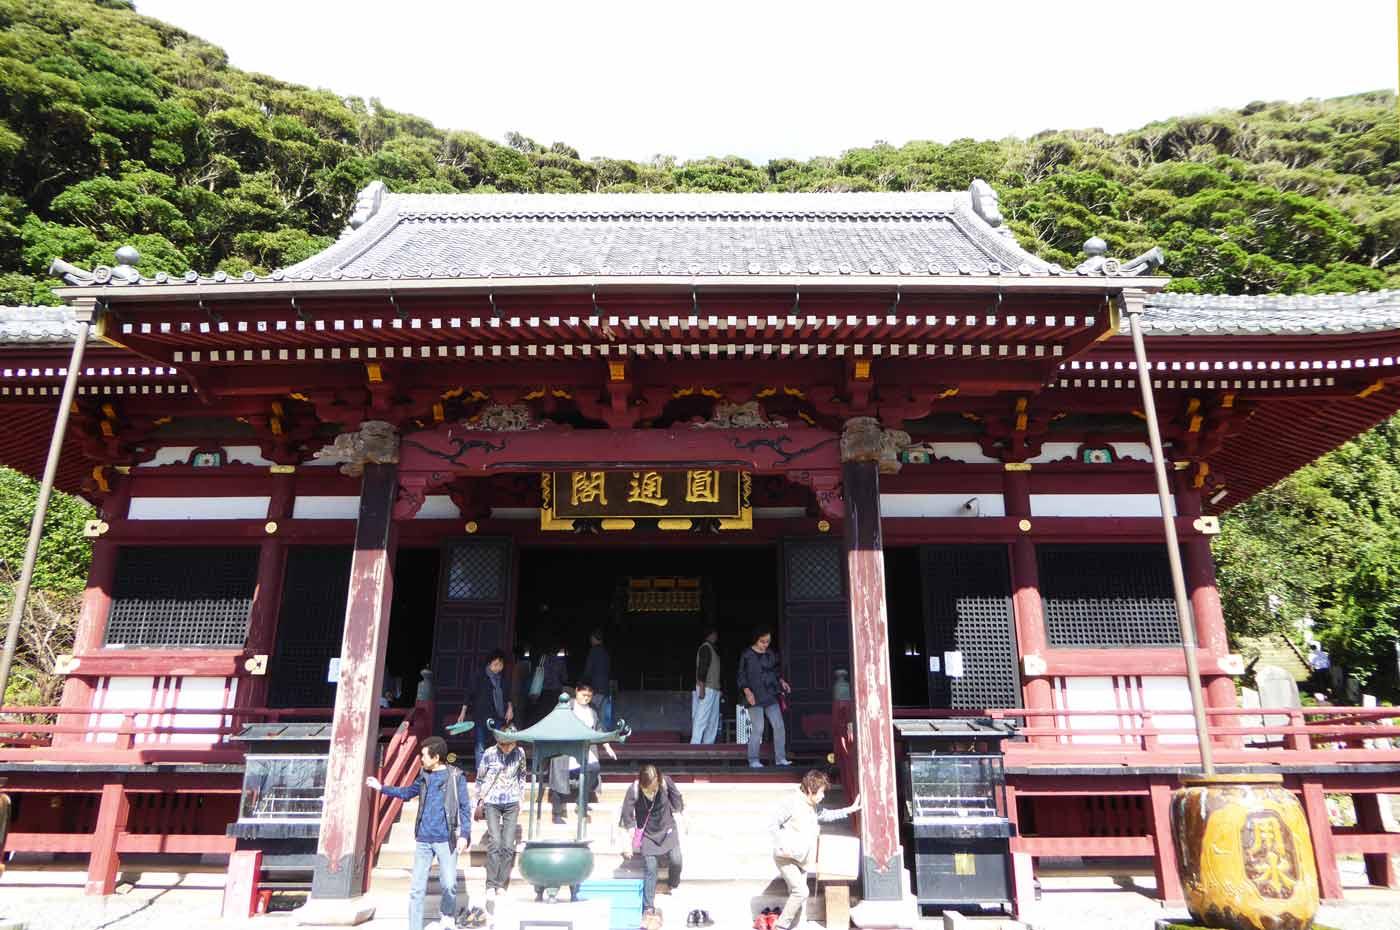 那古寺の観音堂